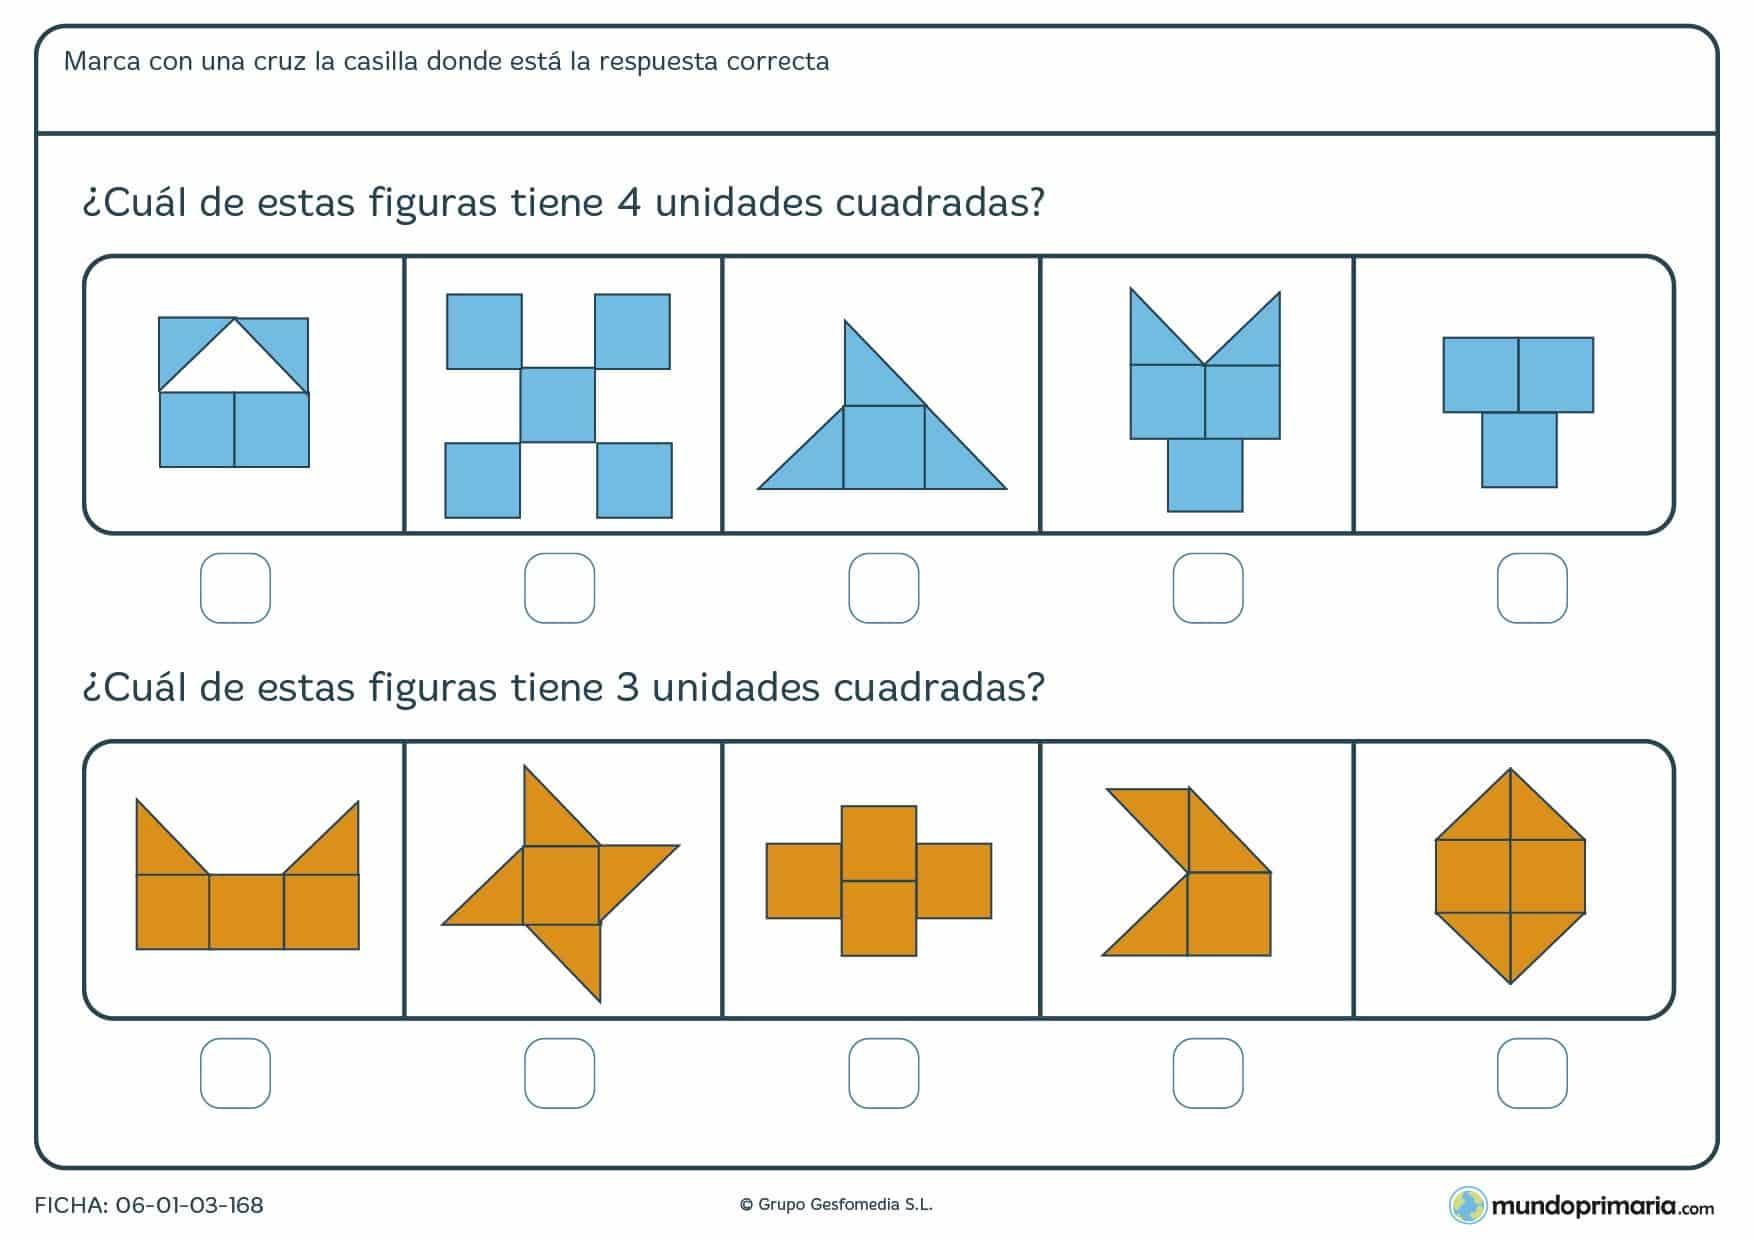 Ficha de unidades cuadradas en las que debes contar los cuadrados que las componen y marcar la cifra correcta.